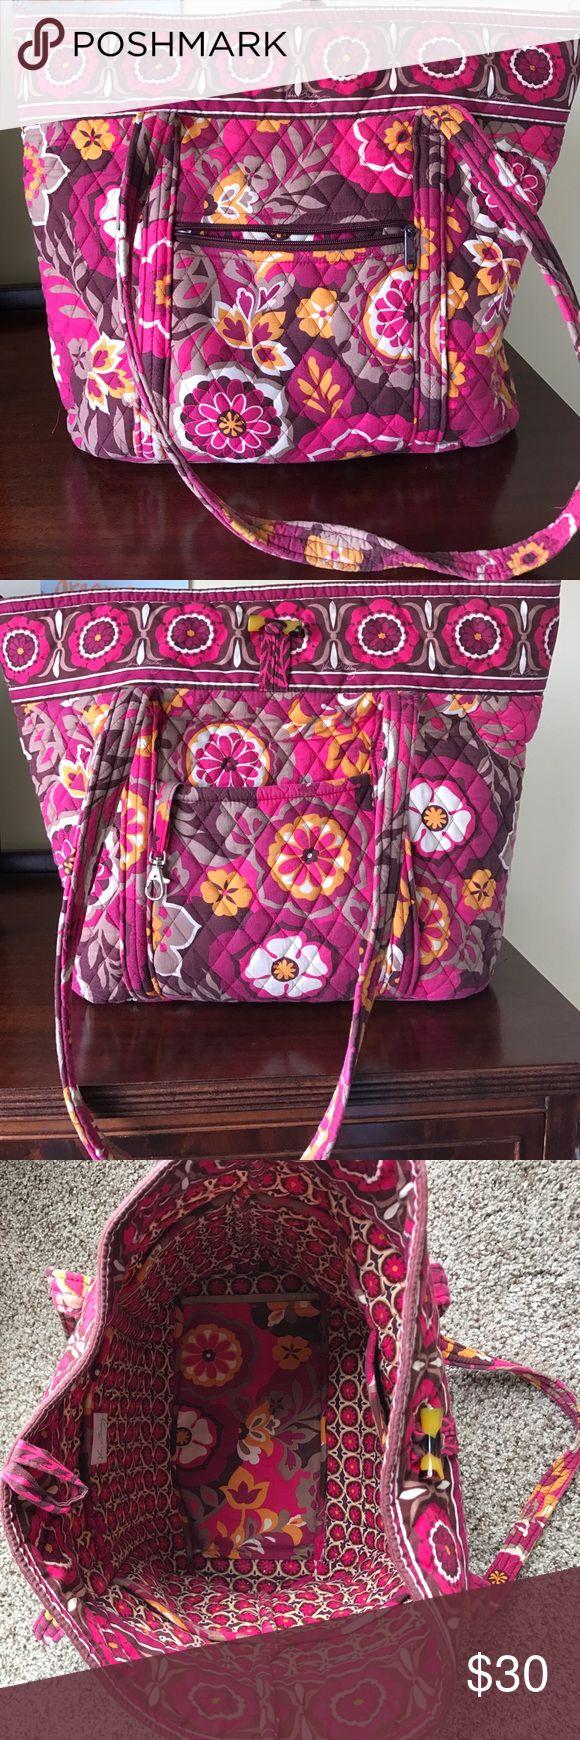 Vera Bradley Tote Bag Excellent condition! Vera Bradley Bags Totes